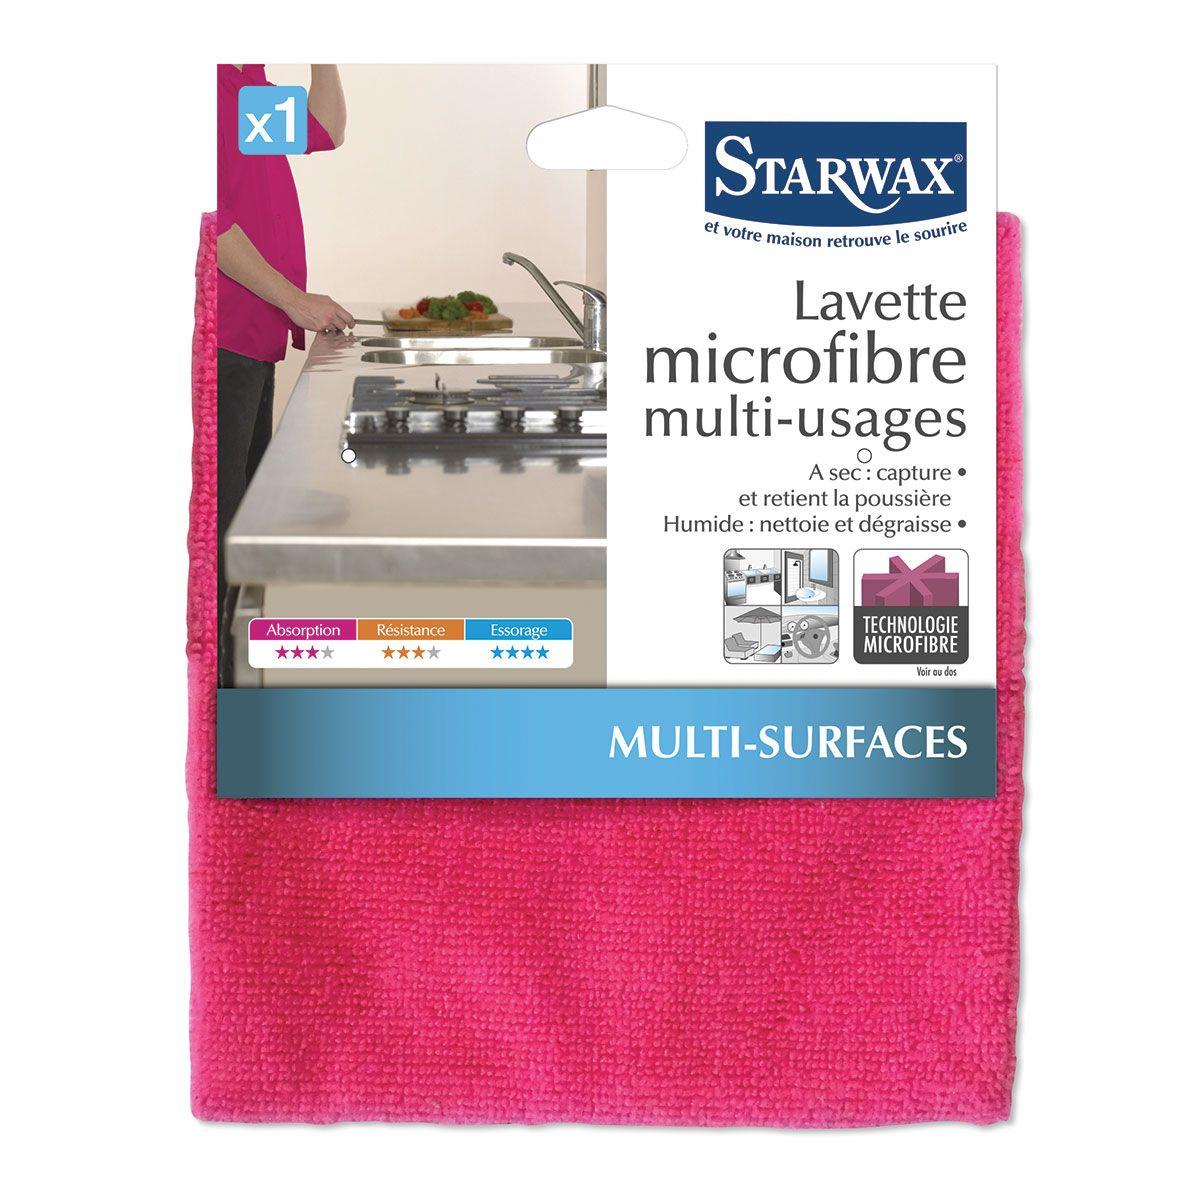 Lavette microfibre multi-usages – Starwax